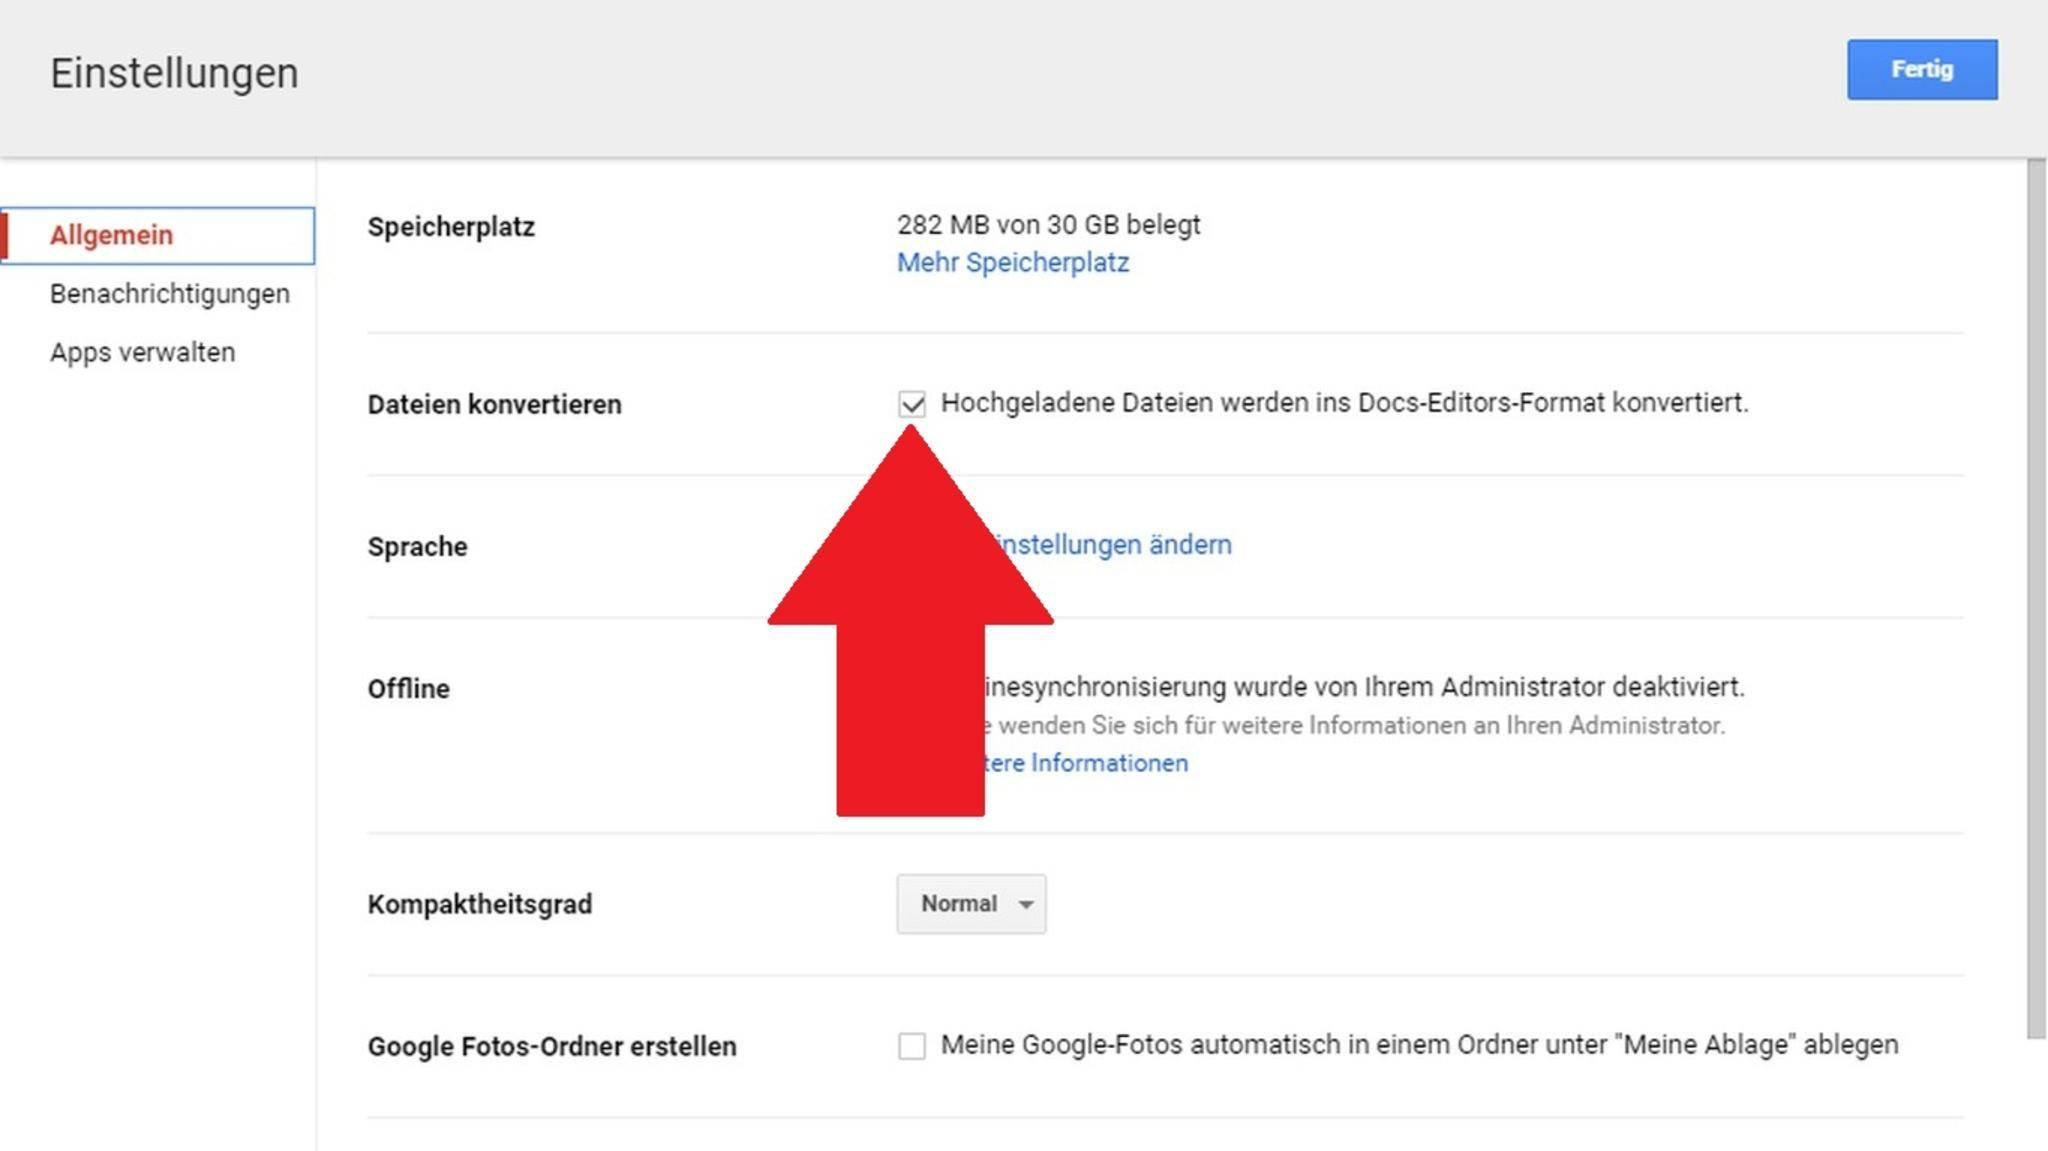 Im Docs-Editors-Format verbrauchen Dokumente keinen Speicherplatz mehr.